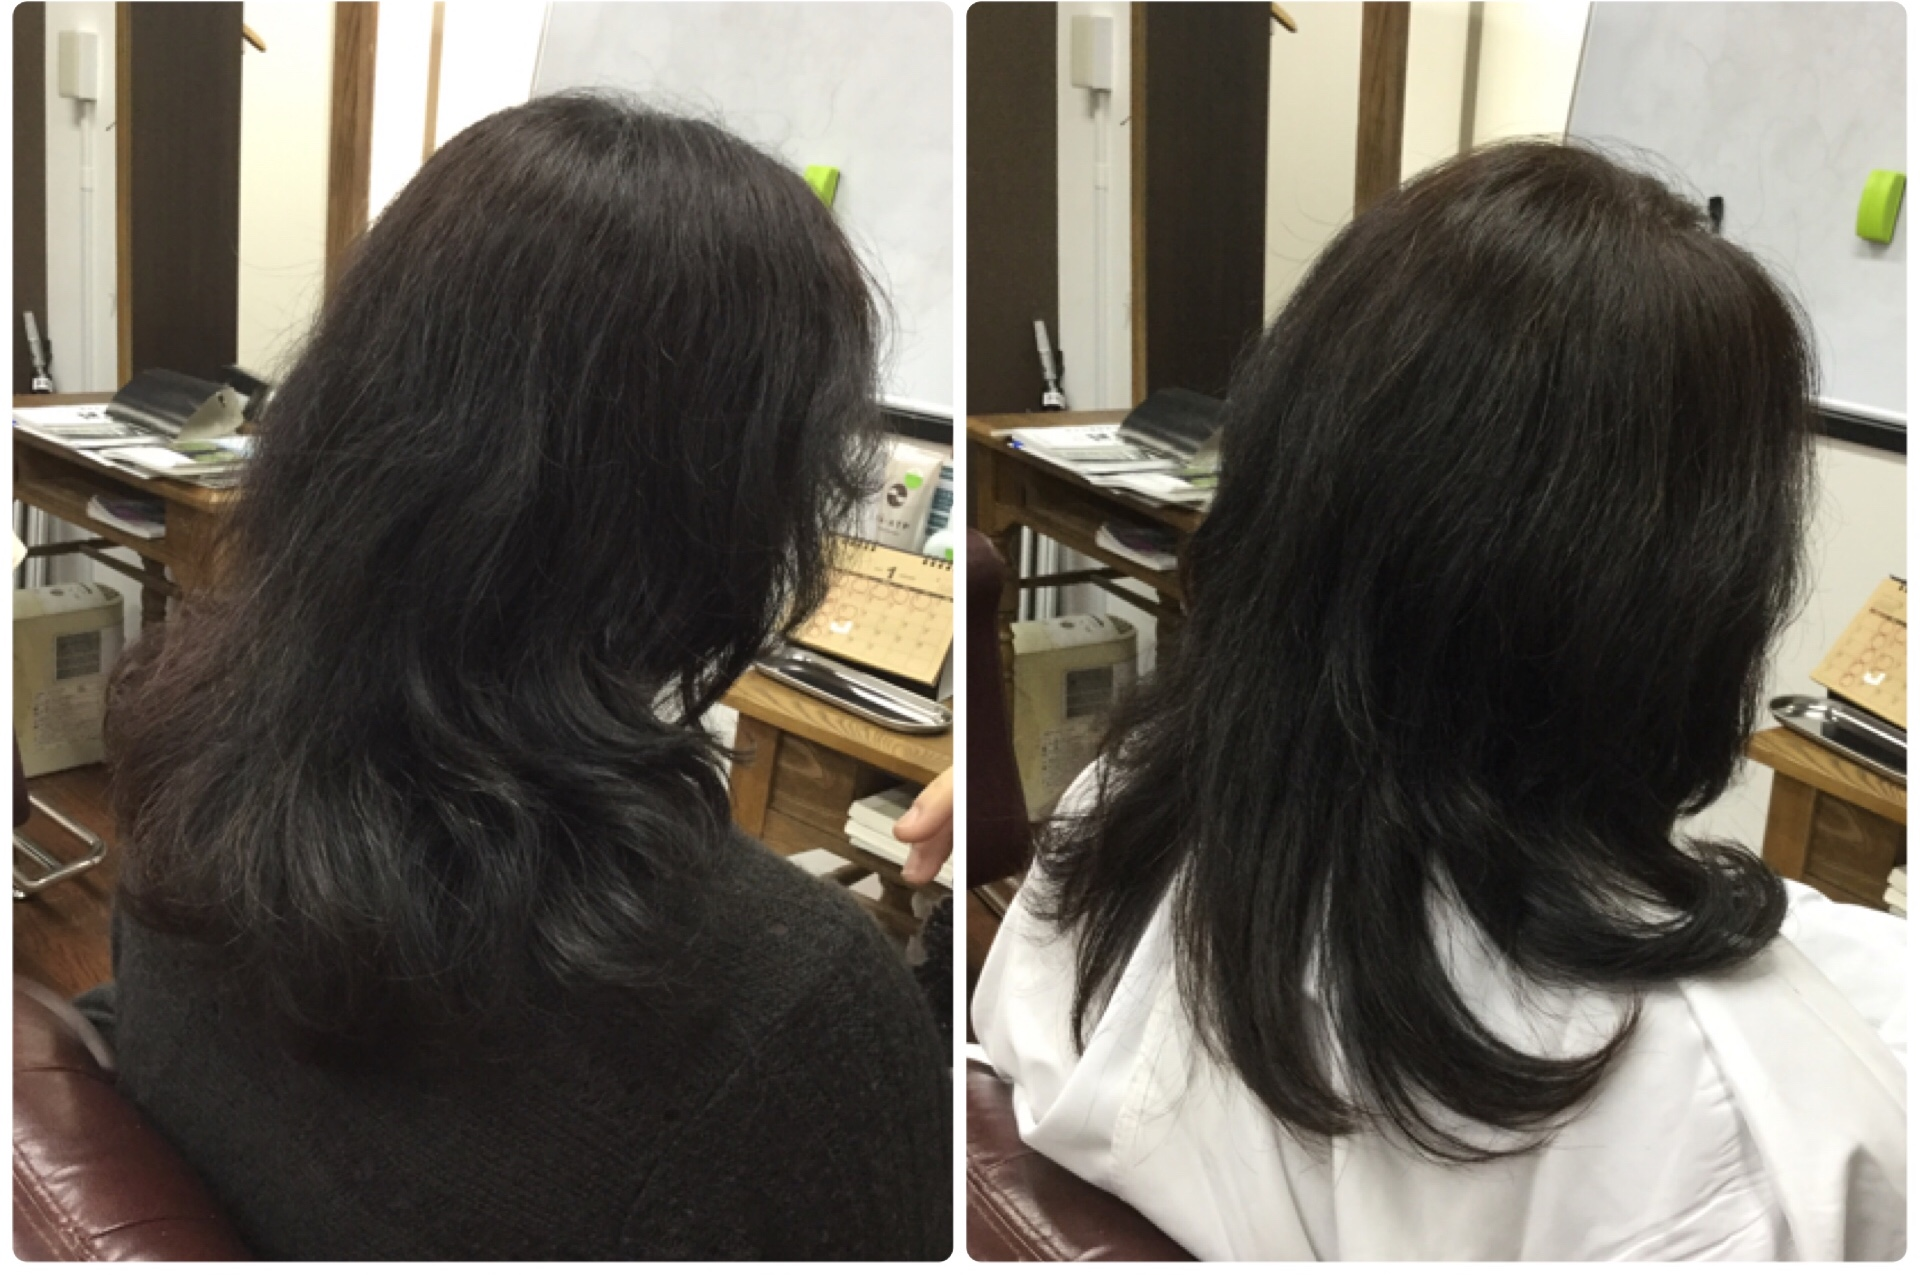 くせ毛を扱いやすくするのも手触りをよくするのもカットが大切です神戸くせ毛専門美容室アバディ